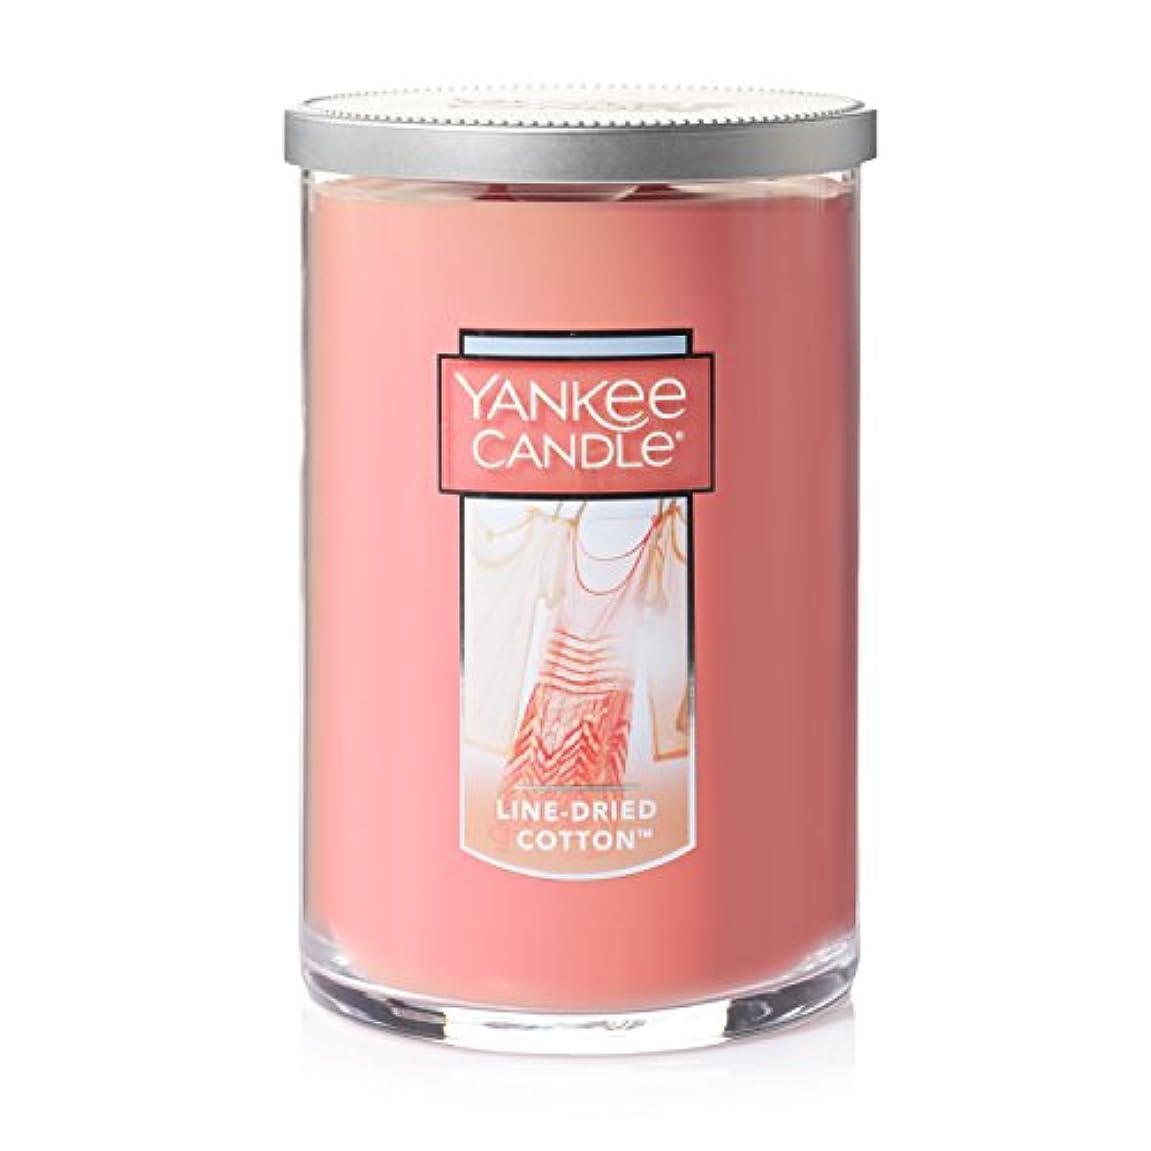 咲く乙女薬局Yankee Candle Jar Candle、line-driedコットン Large 2-Wick Tumbler Candle ピンク 1351643